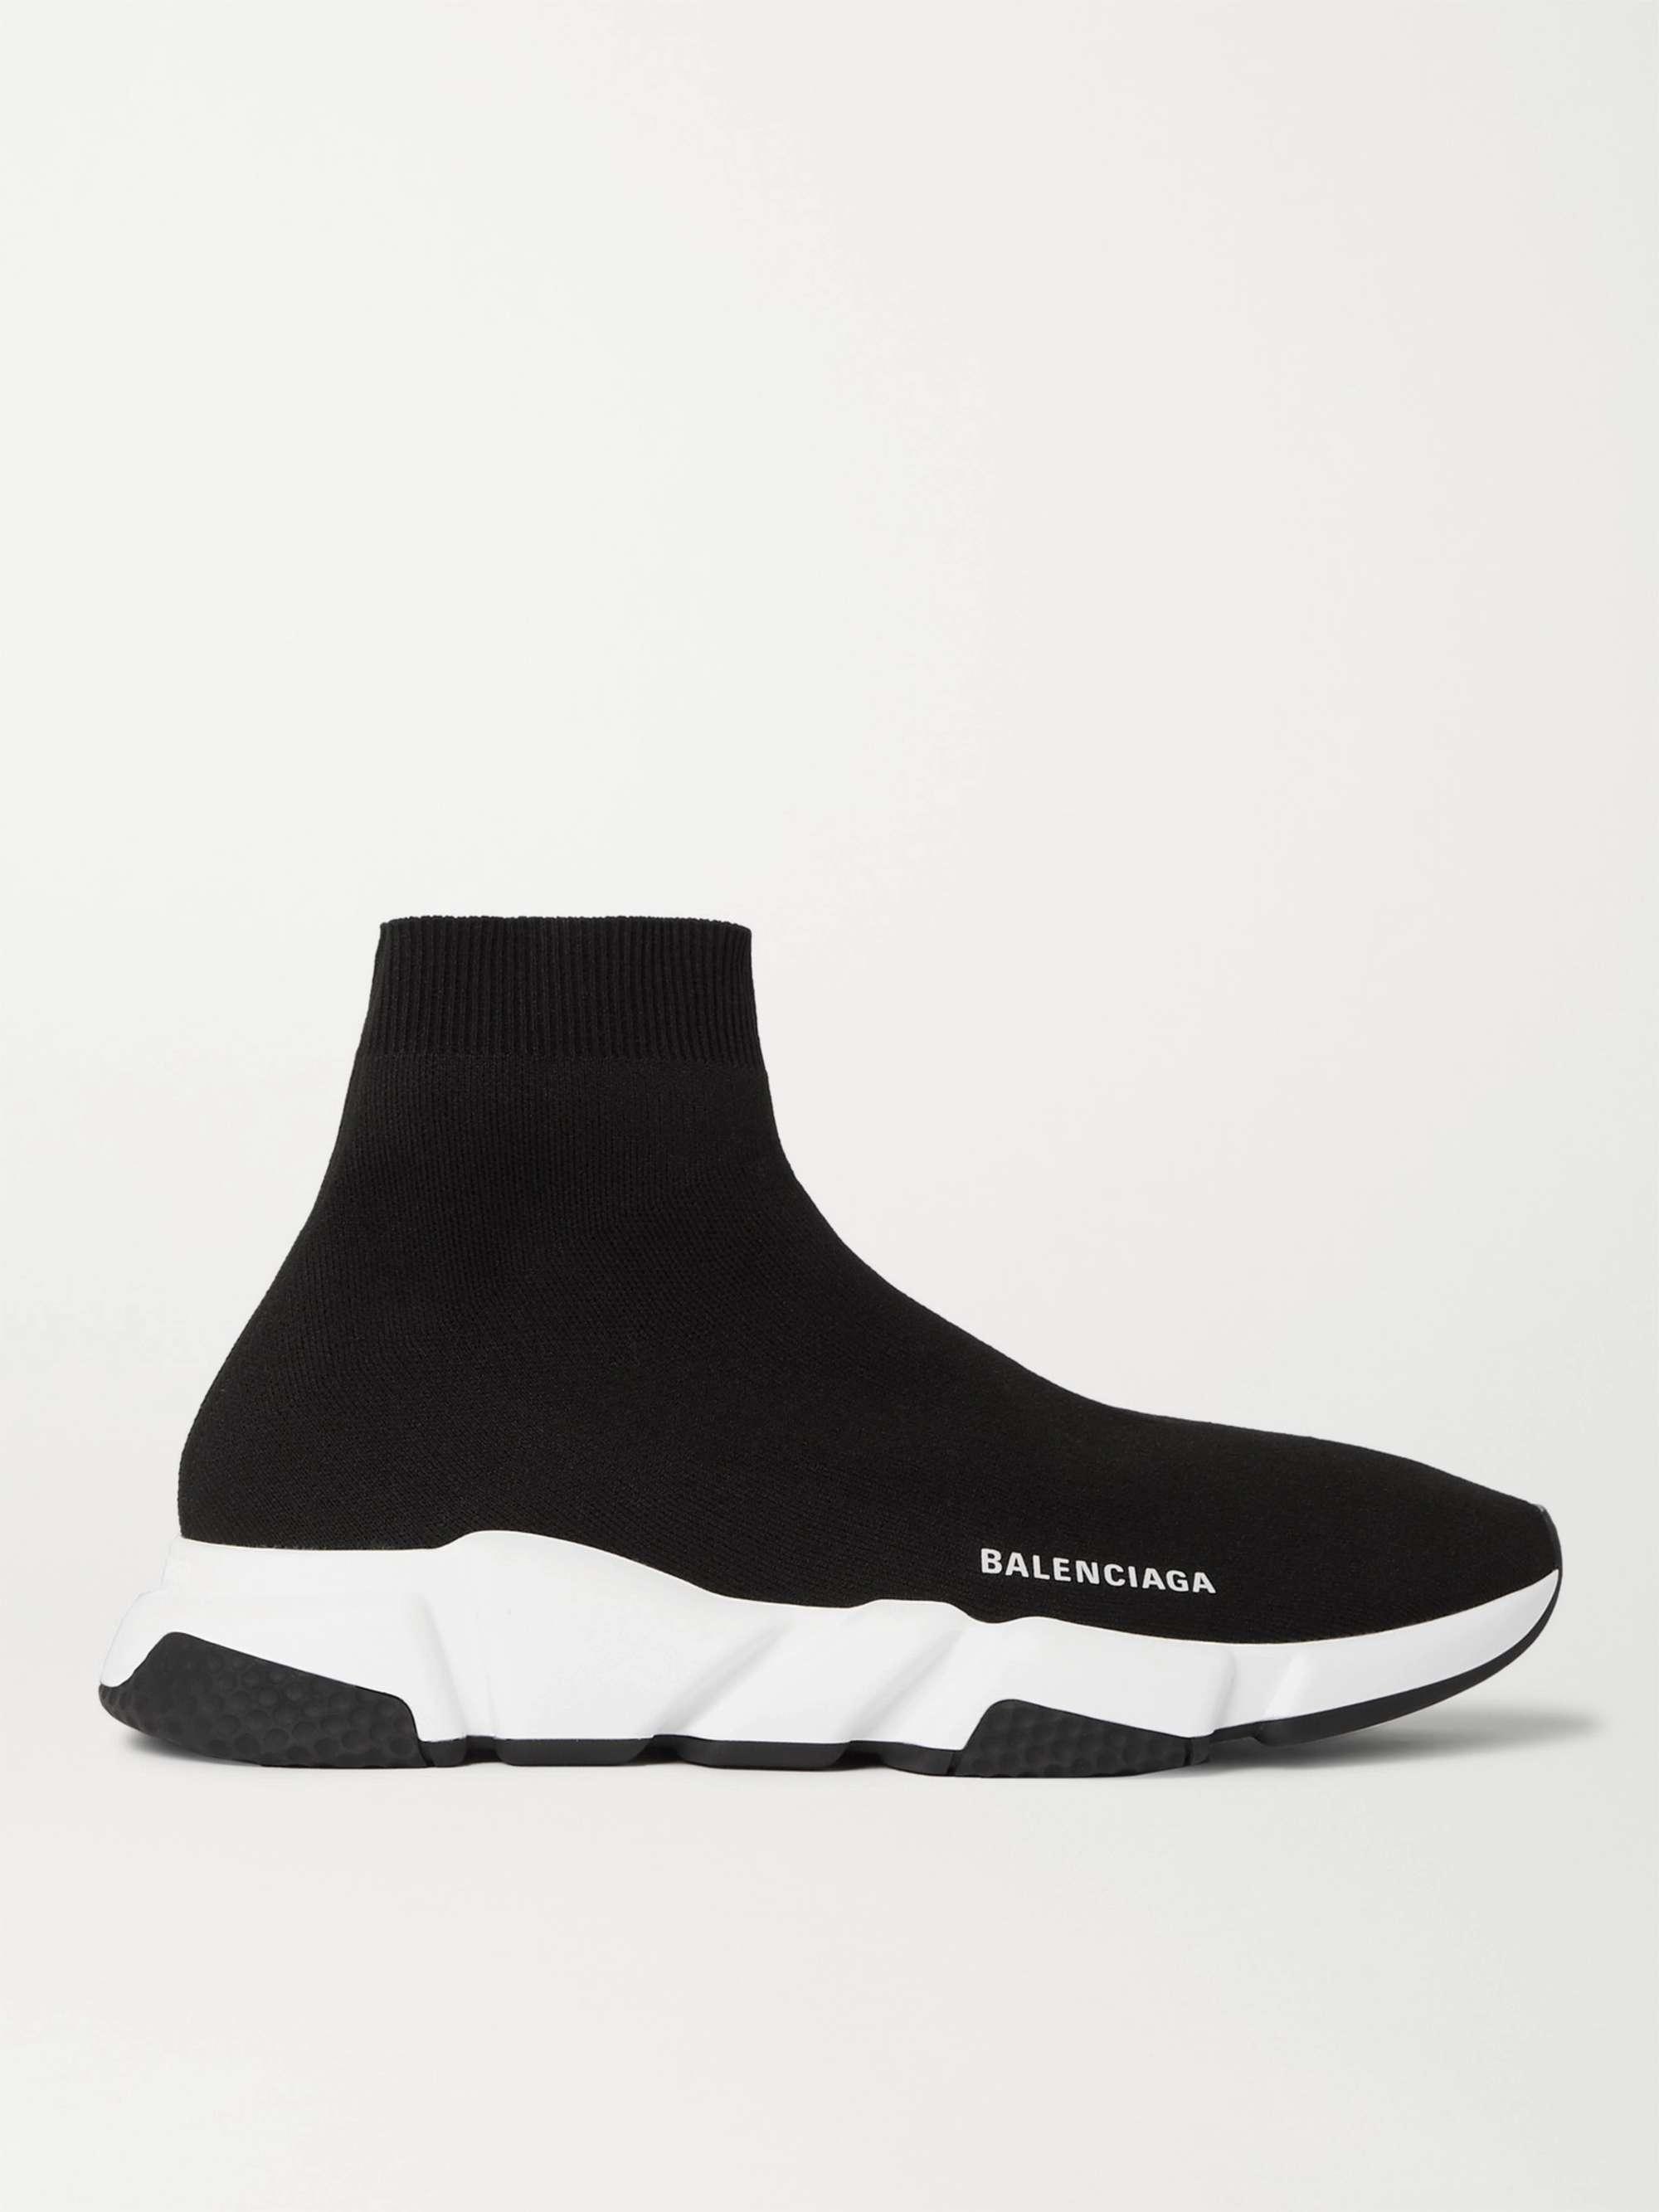 발렌시아가 스피드러너 남성용 - 블랙 Balenciaga Speed Stretch-Knit Slip-On Sneakers,Black